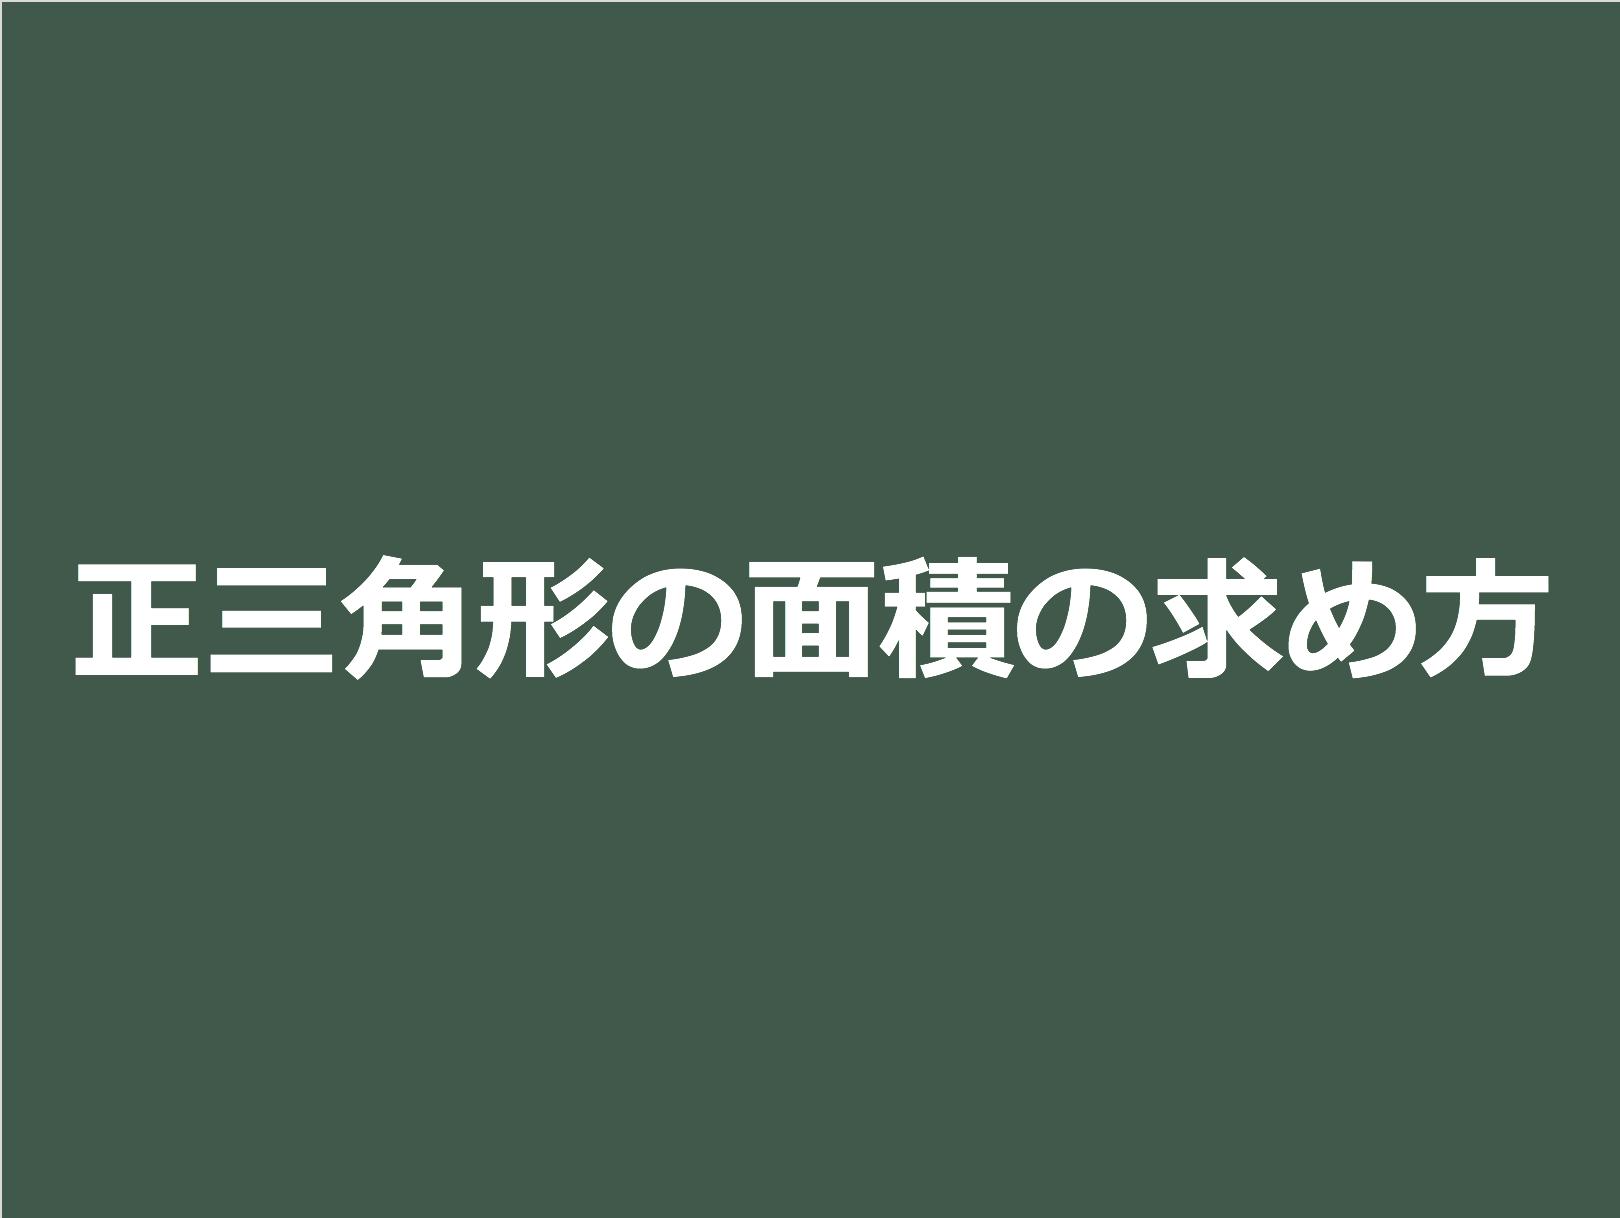 スクリーンショット 2017-06-21 21.32.14